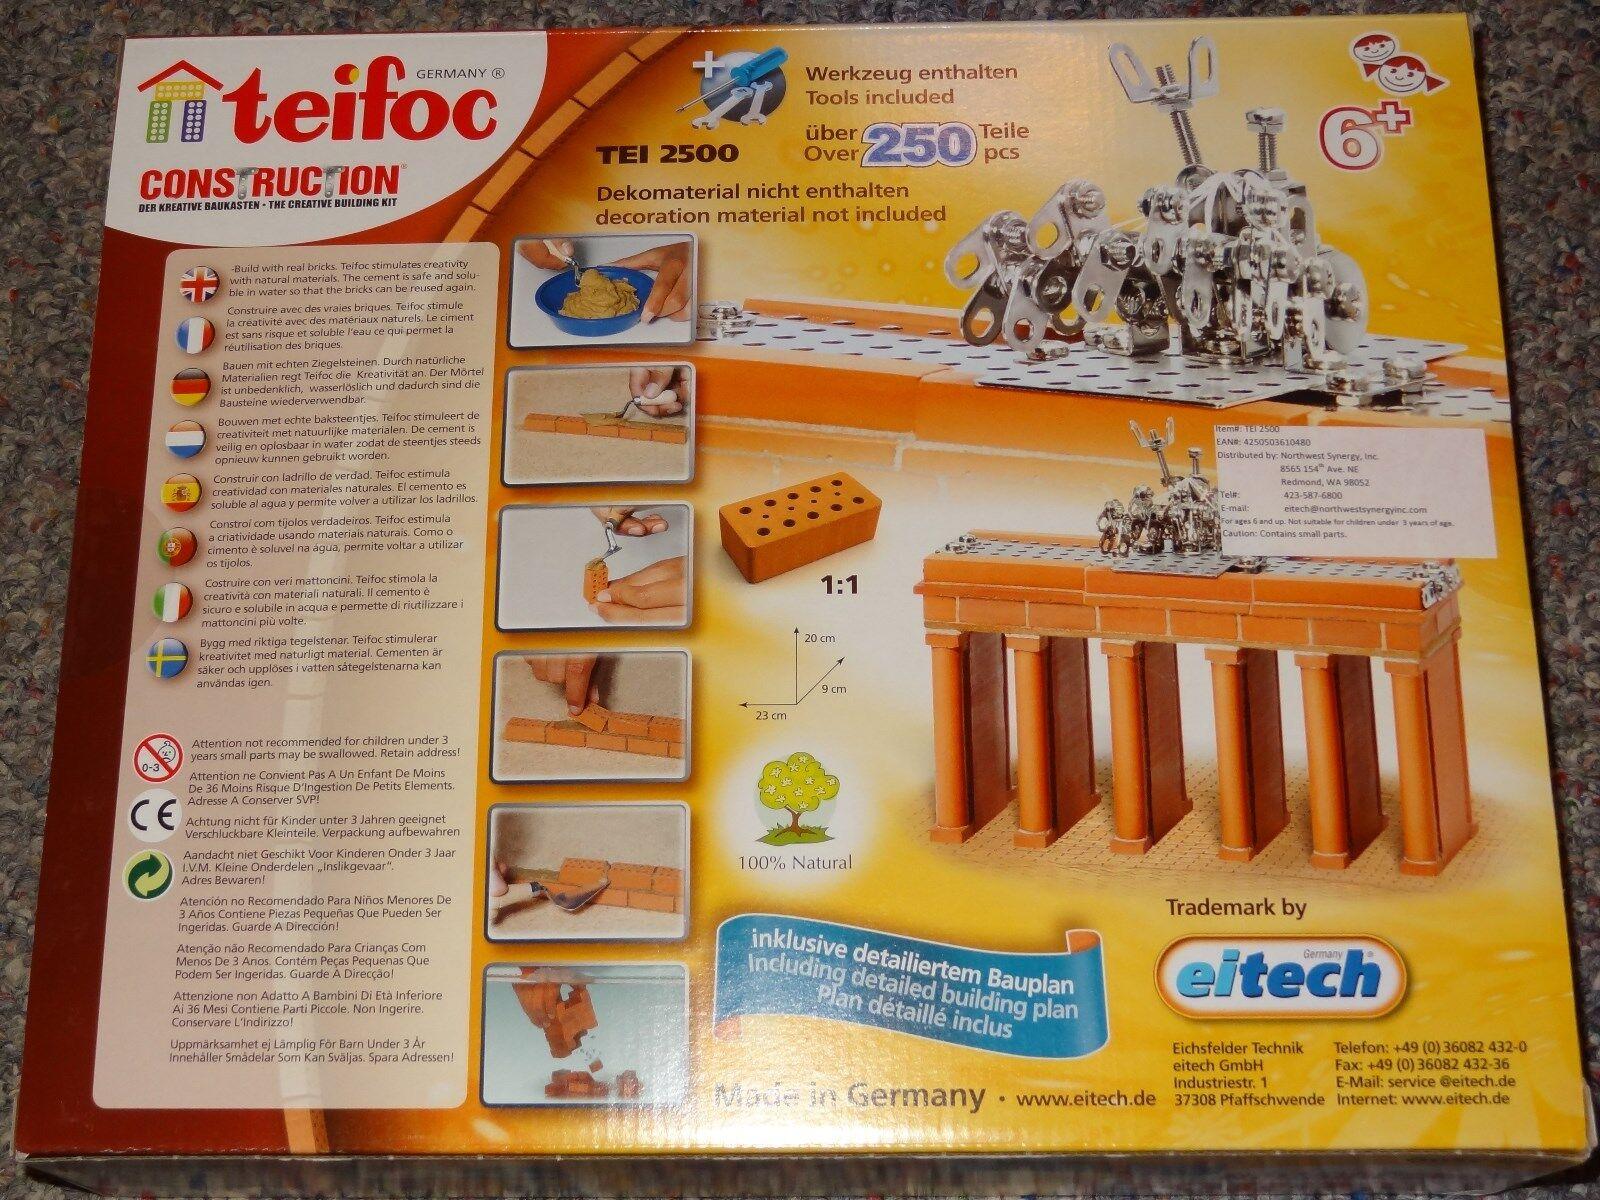 Eitech Teifoc Brandenburger Tor Berlin Steinbaukasten TEI2500